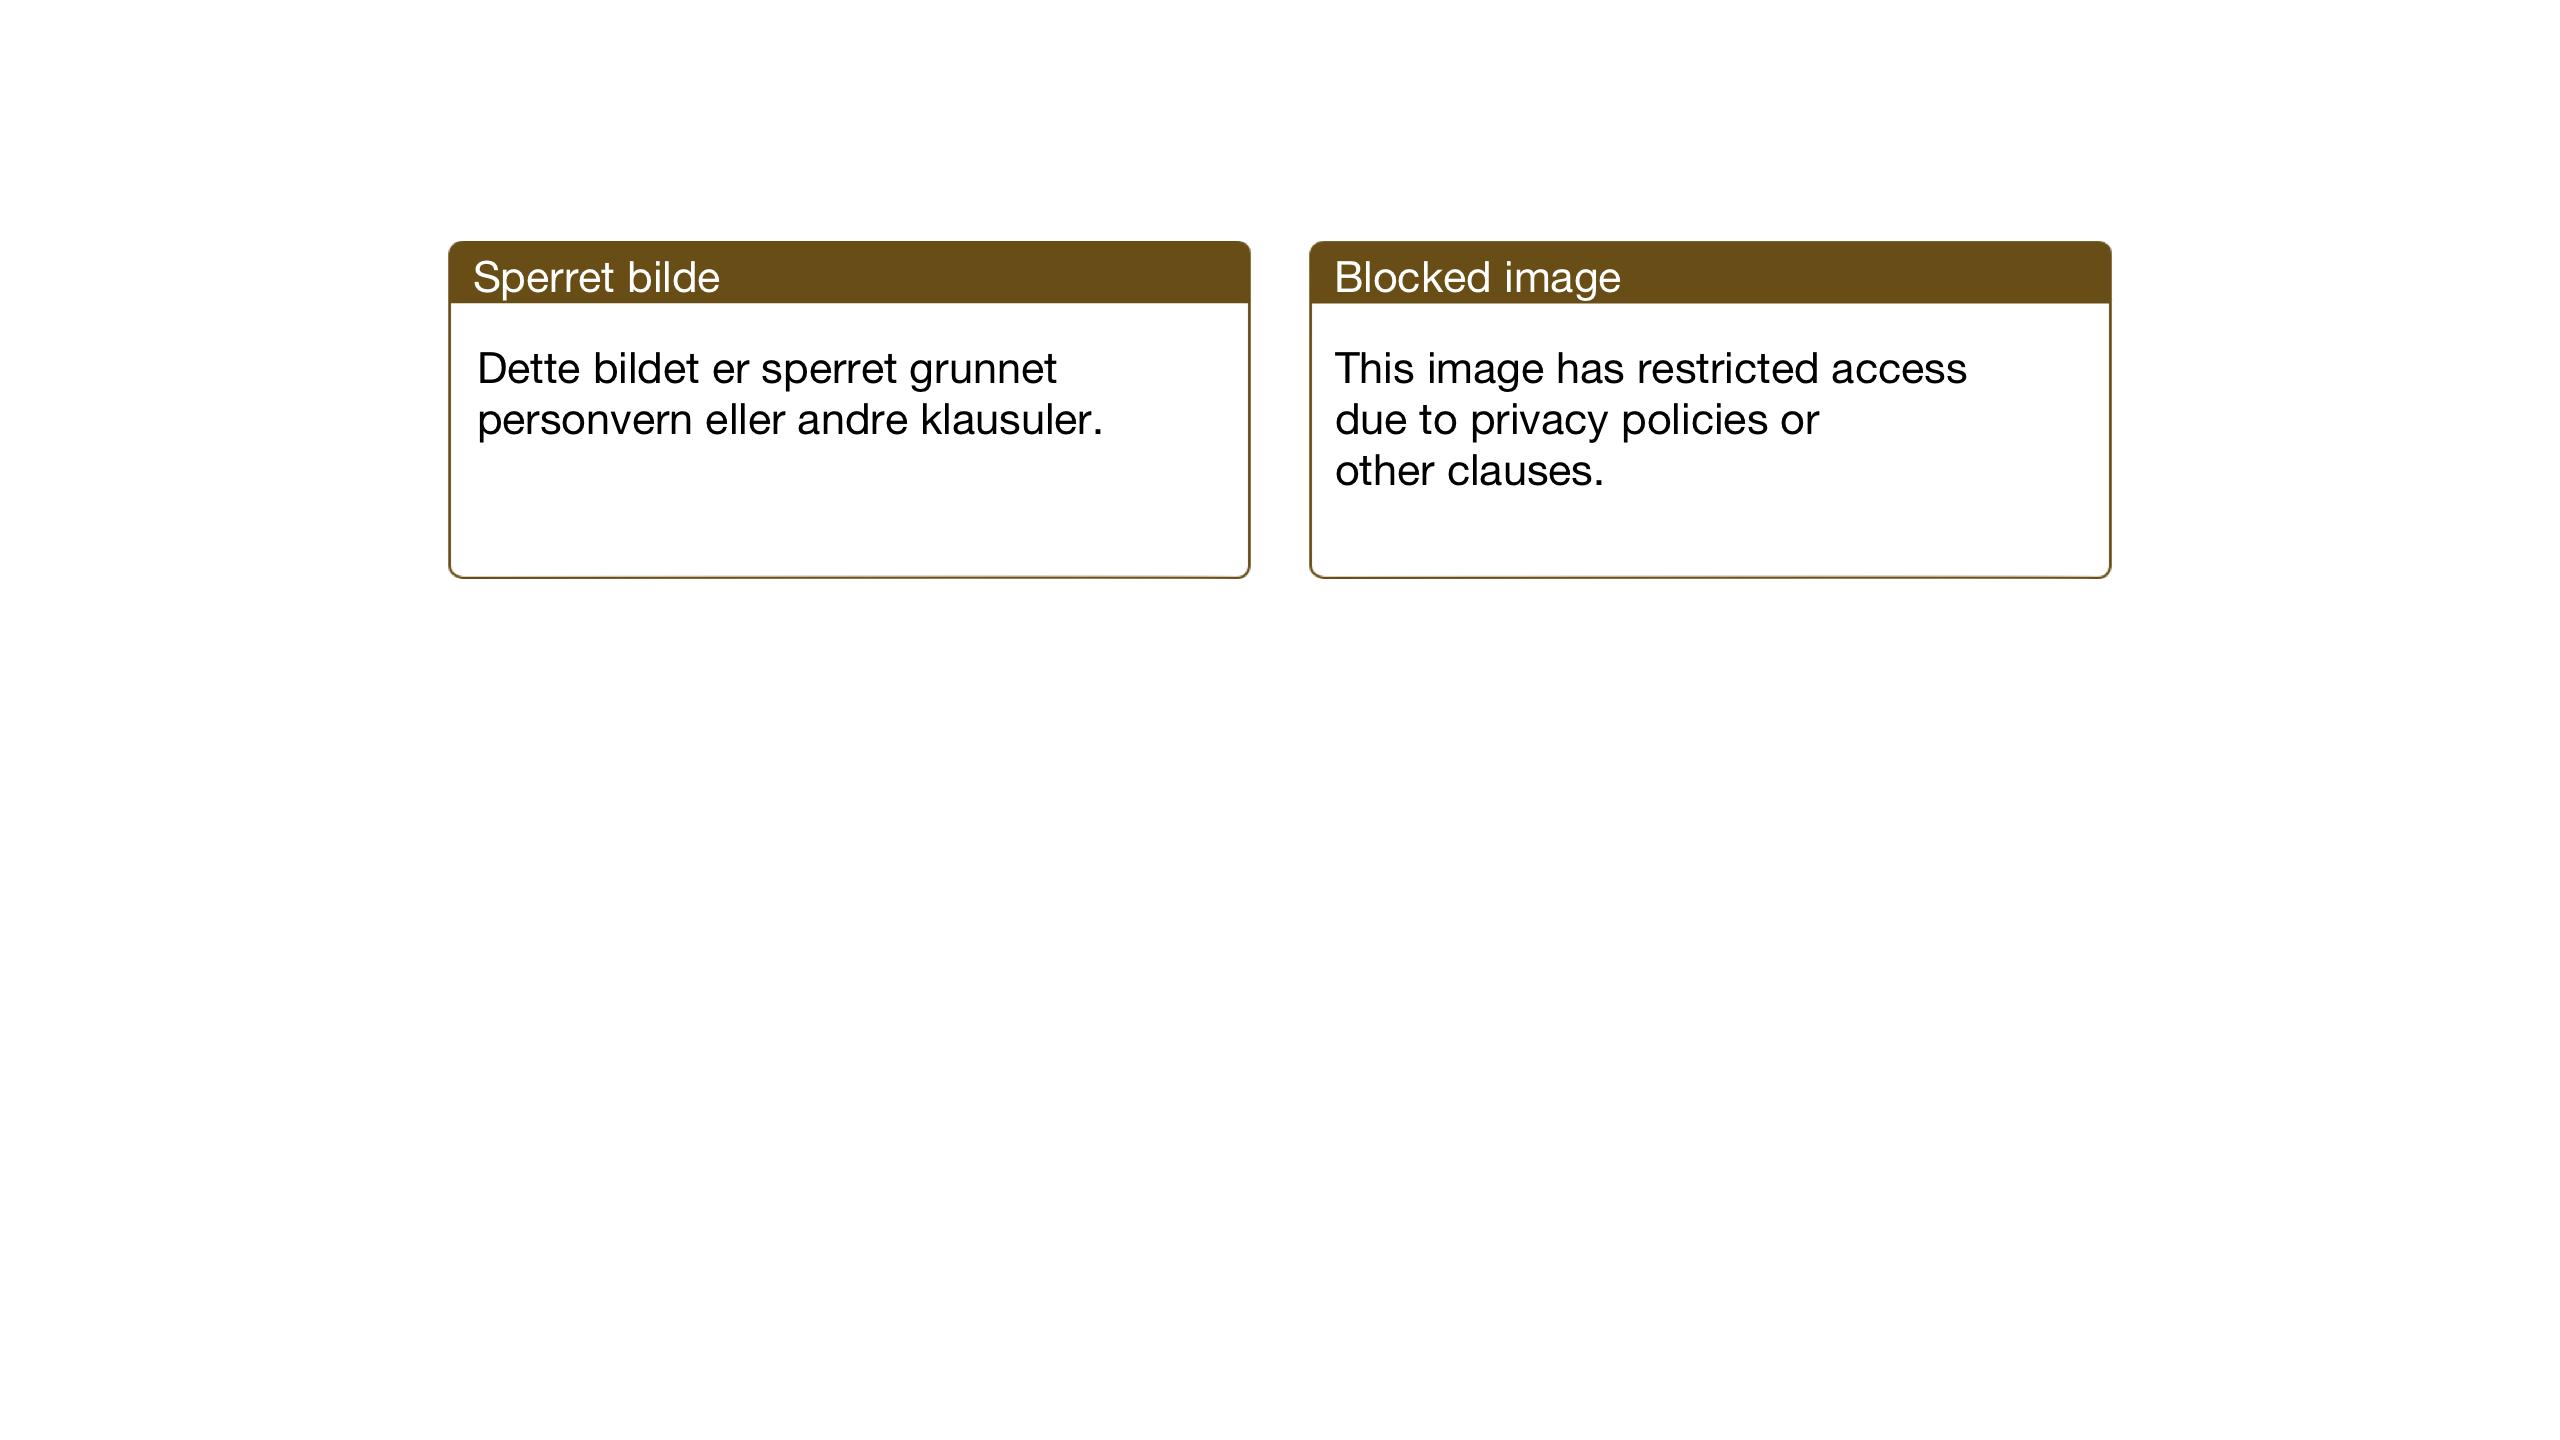 SAT, Ministerialprotokoller, klokkerbøker og fødselsregistre - Sør-Trøndelag, 681/L0944: Klokkerbok nr. 681C08, 1926-1954, s. 39